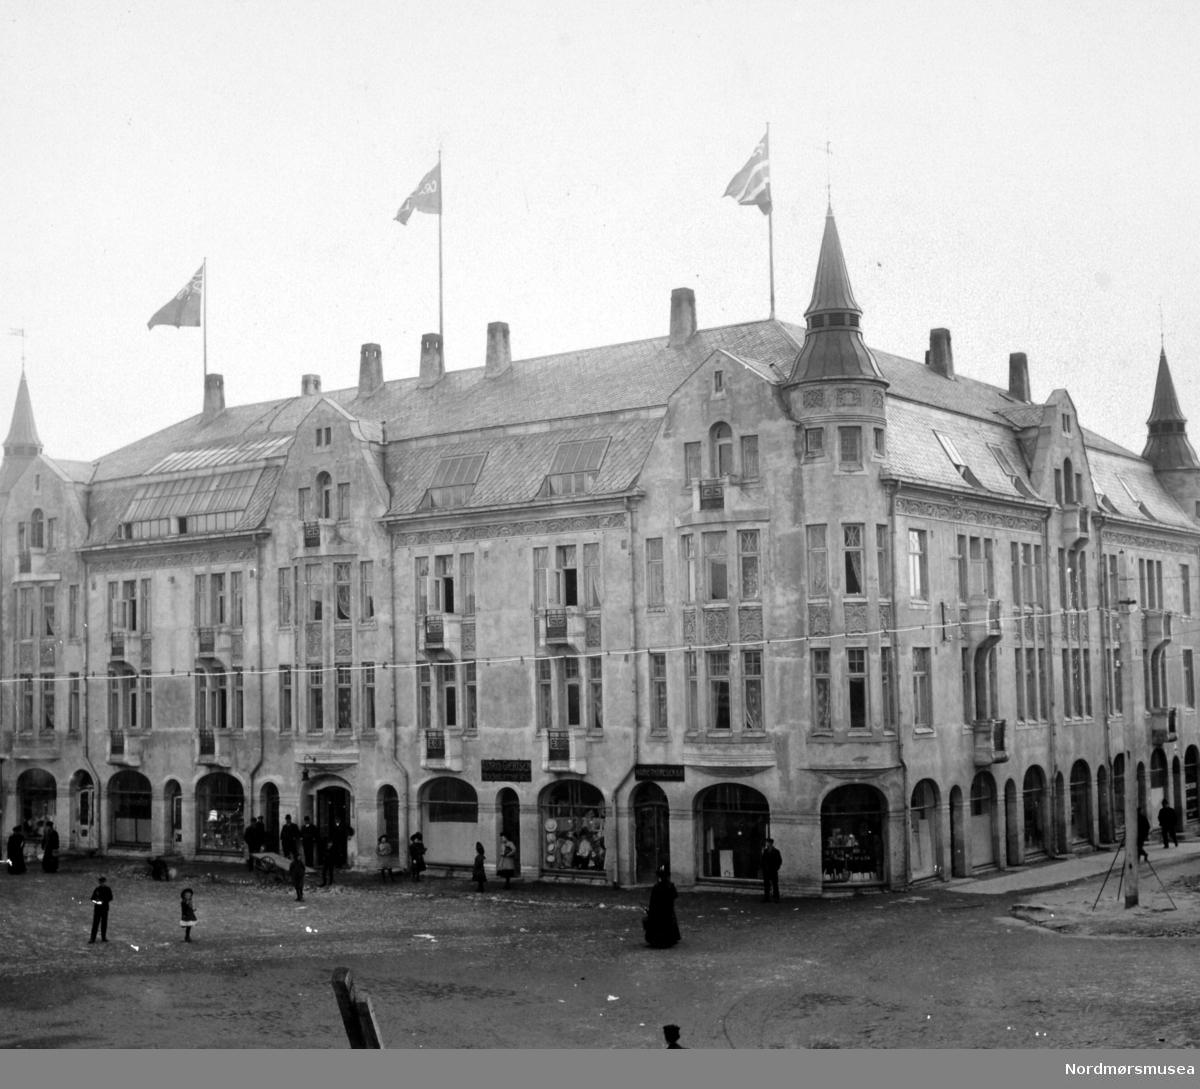 Grand Hotell nr. 2 på Torget på Kirkelandet i Kristiansund, her sett med fasade mot torget og Bernstorffstredet. Historie: Natten til 8. november 1907, kl. 04:00 ble det slått brannalarm. Nattevakten hadde oppdaget at det brente ved byens første Grand Hotell og mer enn 300 menn kom raskt til stede, inkludert fem fra sjødampsprøyta. Brannen som hadde startet i hotellets vedbu, spredte seg svært raskt, og det ble snart klart at det store trekomplekset ikke stod til å redde. To mennesker mistet livet i brannen. Disse var søstrene Anna og Augusta Sørensen som drev motehandel i første etasje av hotellet. Den flotte trebygningen i utført sveitserstil var nå blitt slukt av flammene.  Ikke lenge etter besluttet Nils Nilsen å bygge et nytt hotell på den samme tomten. Arkitekten ble Kristen Tobias Rivertz fra Kristiania, som stod bak flere andre kjente bygg i Kristiansund, som f.eks. Festiviteten og Norges Bank.   Det nye hotellet som ble bygd i jugendstil, ble oppført med teglstein, hvor ytterveggene var av Trondheimsk hulmur, som var pusset med sement. Bygningen kostet litt over 200.000 kroner, eksklusive tomt og montering. Oppføringen av hotellet var det murmester Olsen & Michalsen som utførte etter Rivertz tegninger og ledelse.  I hotellet fant vi bl.a. følgende romplan: 1. etasje inneholdt 11 forretninger. I 2. etasje finner vi 8 hotellrom, forhall, leserom, spisesal, røykerom, to mindre salonger, eierens privatleilighet samt kjøkken, anretning, oppvaskkum, spiskammer, koldkjøkken m.v. I 3. etasje finner vi 17 hotellrom samt 1 bad, mens i loftetasjen finner vi et fotografisk atelier, en større festsal, 7 hotellrom, samt rom for betjeningen og bryggerhus. Totalt var det 32 gjesterom ved det nye hotellet, og disse varierte fra 4 x 5 til 6 x 10 meter i areal.  Hotellet stod ferdig januar 1909.  Driften av hotellet gikk godt frem mot første verdenskrig, og i 1913 gikk Nilsen i gang med å utvide hotellbygningen med to fløyer mot øst og sør, slik at den kom til å danne et helt